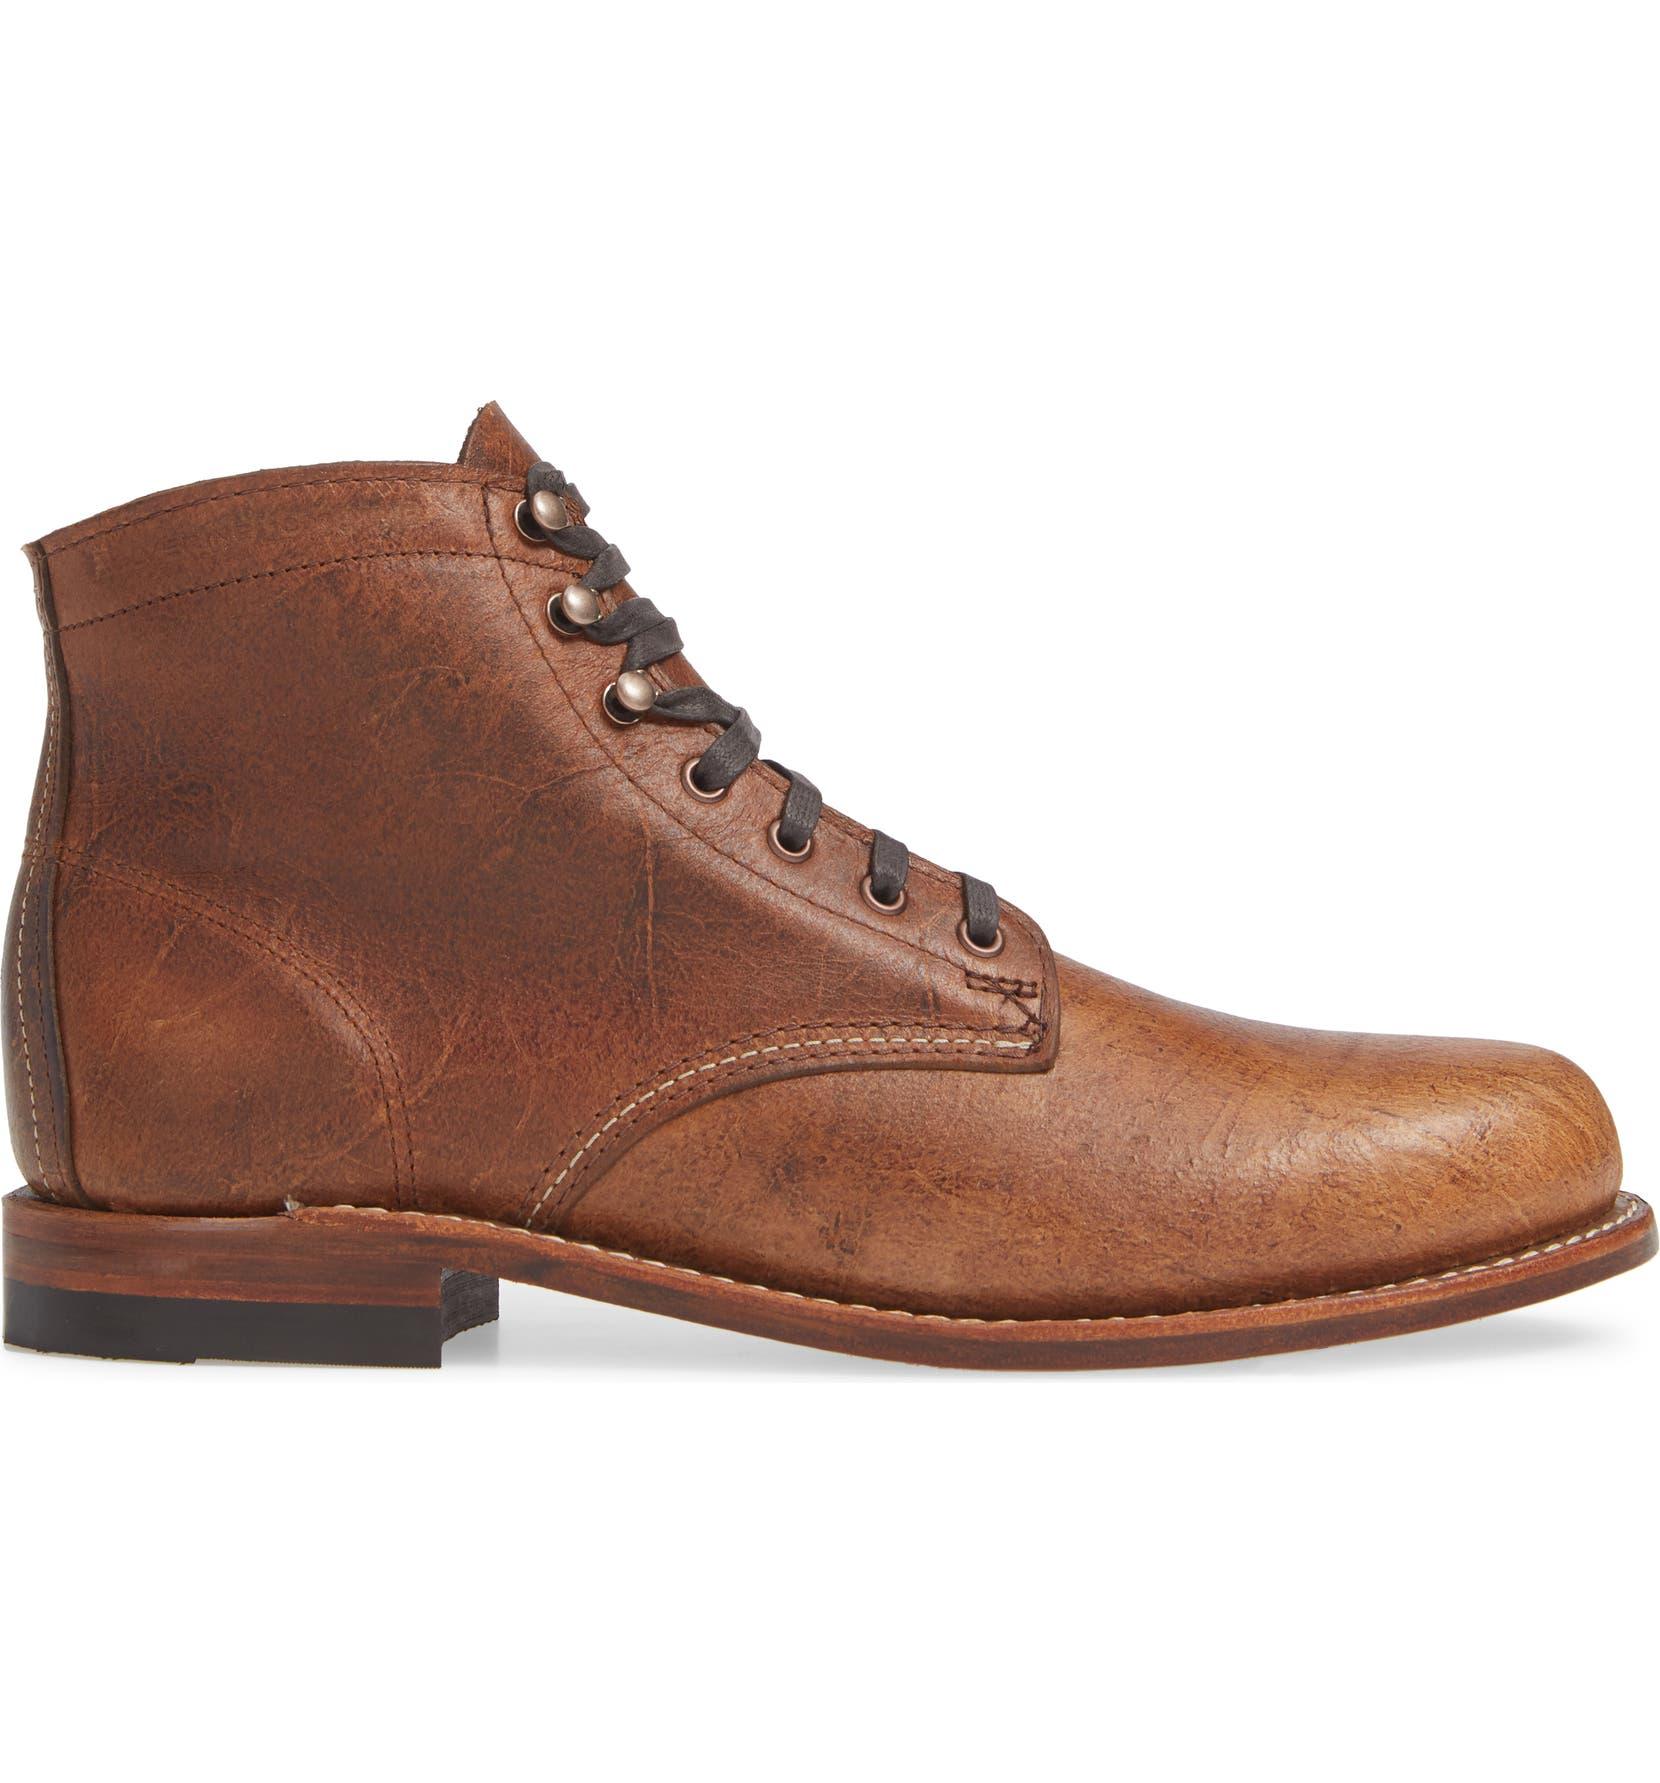 2ebe3a23a69 Wolverine  1000 Mile  Plain Toe Boot (Men)